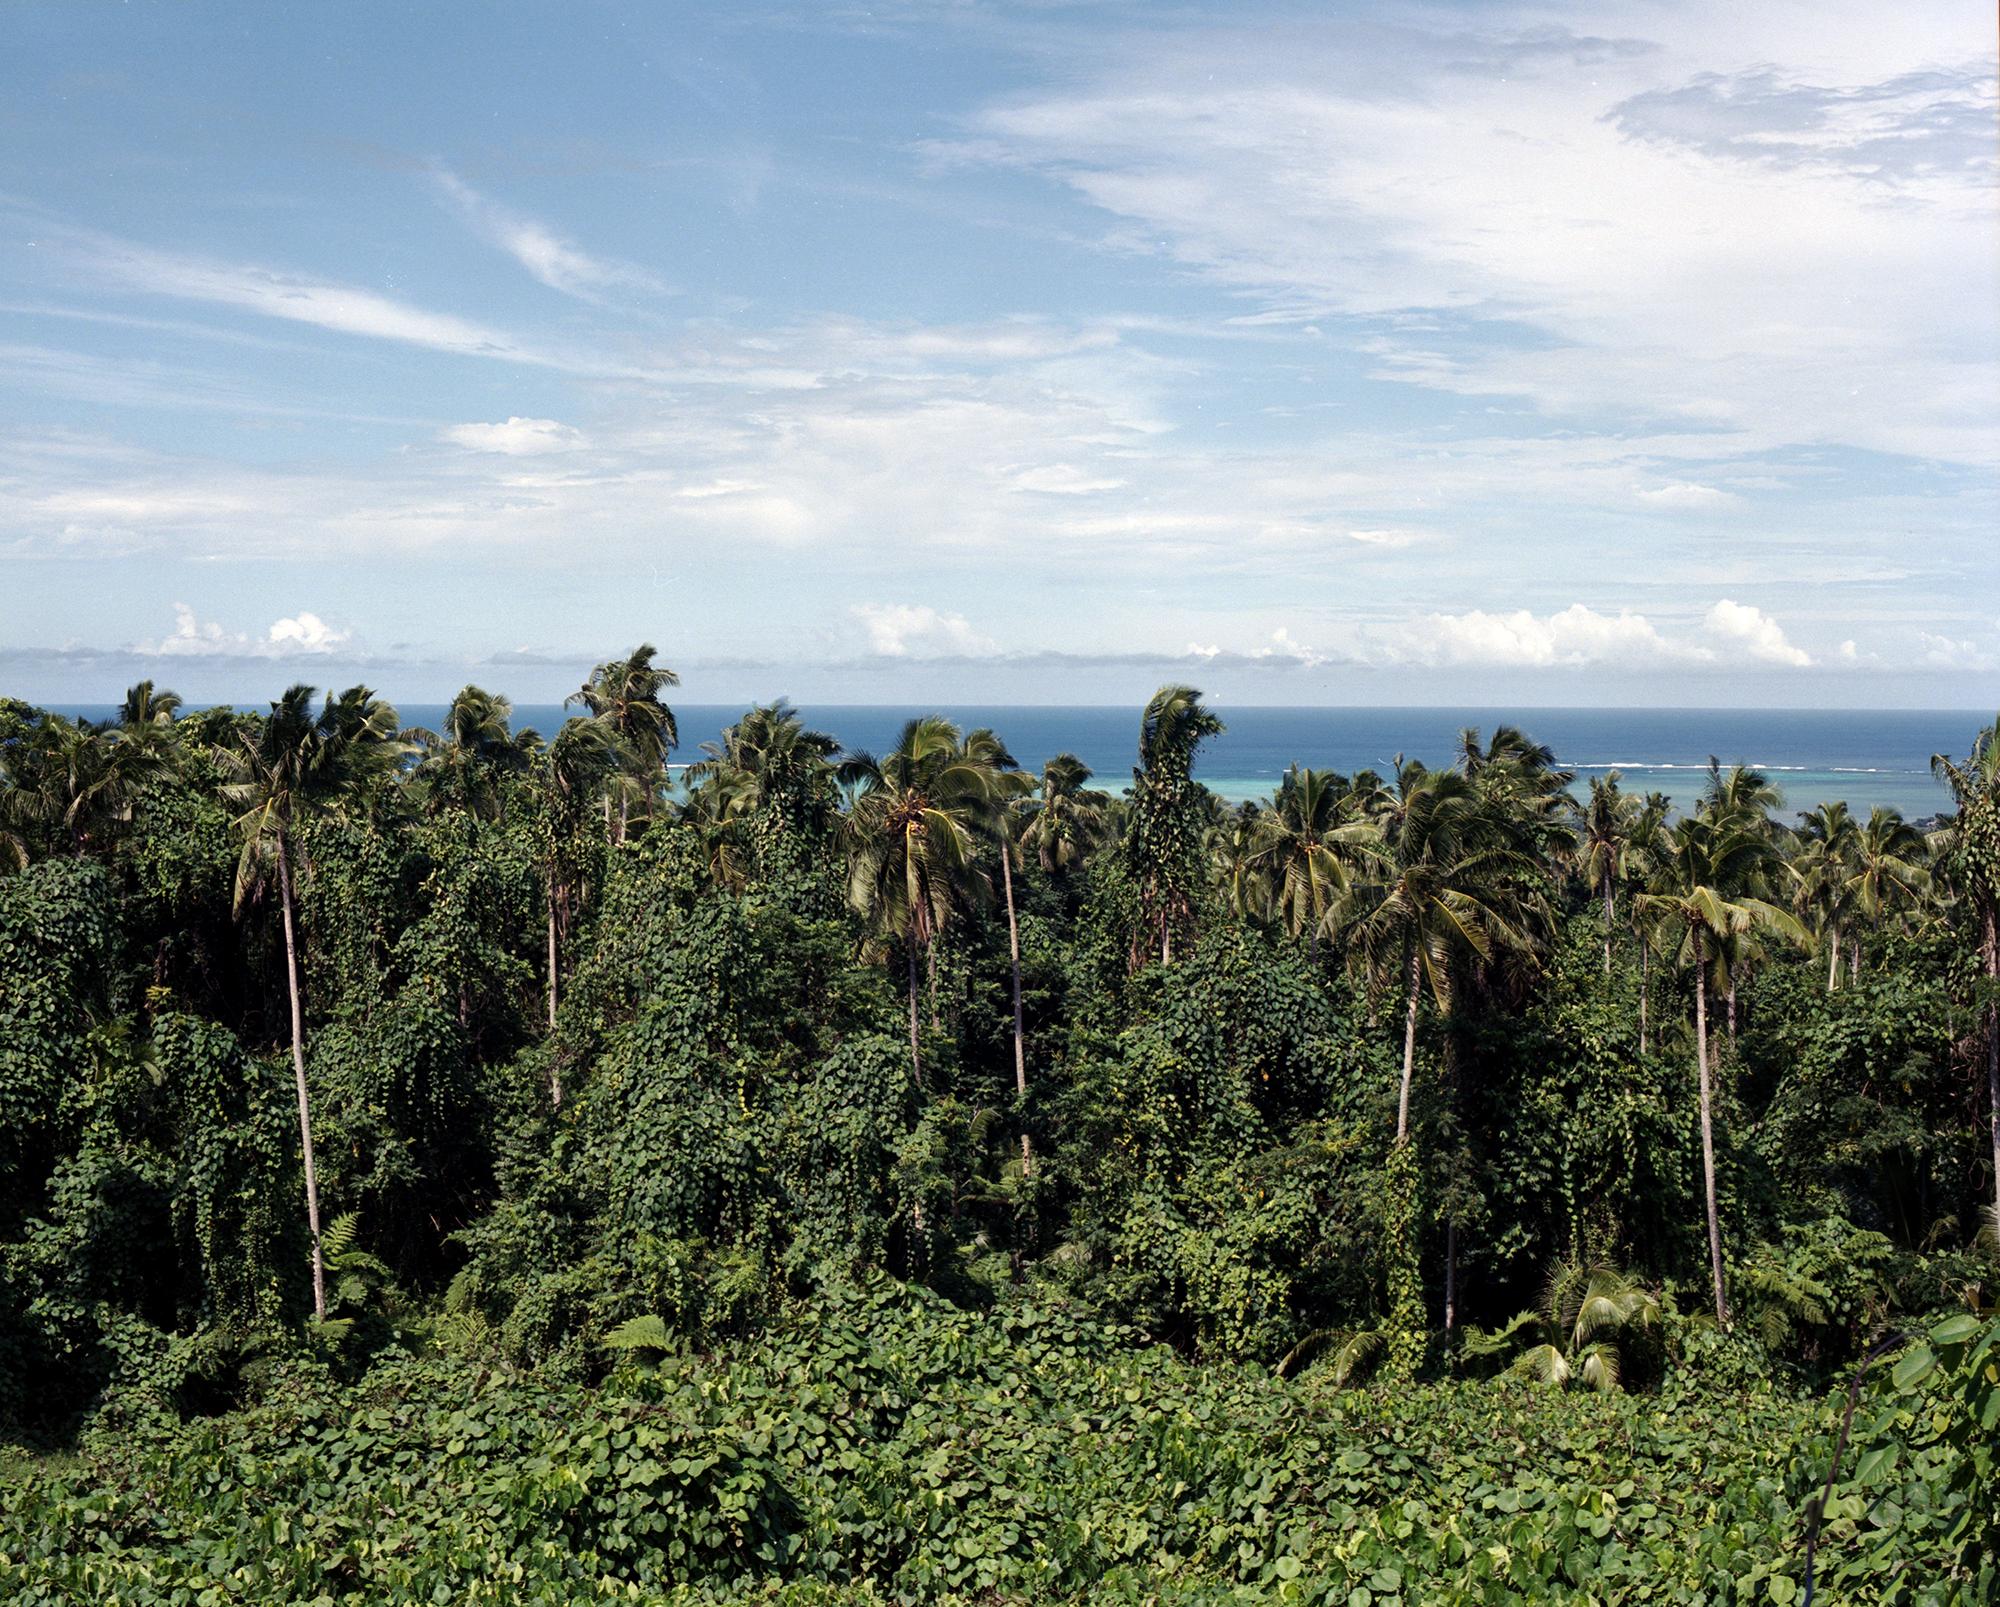 Pulemelei Mound, Palauli, Savai'i, 2019